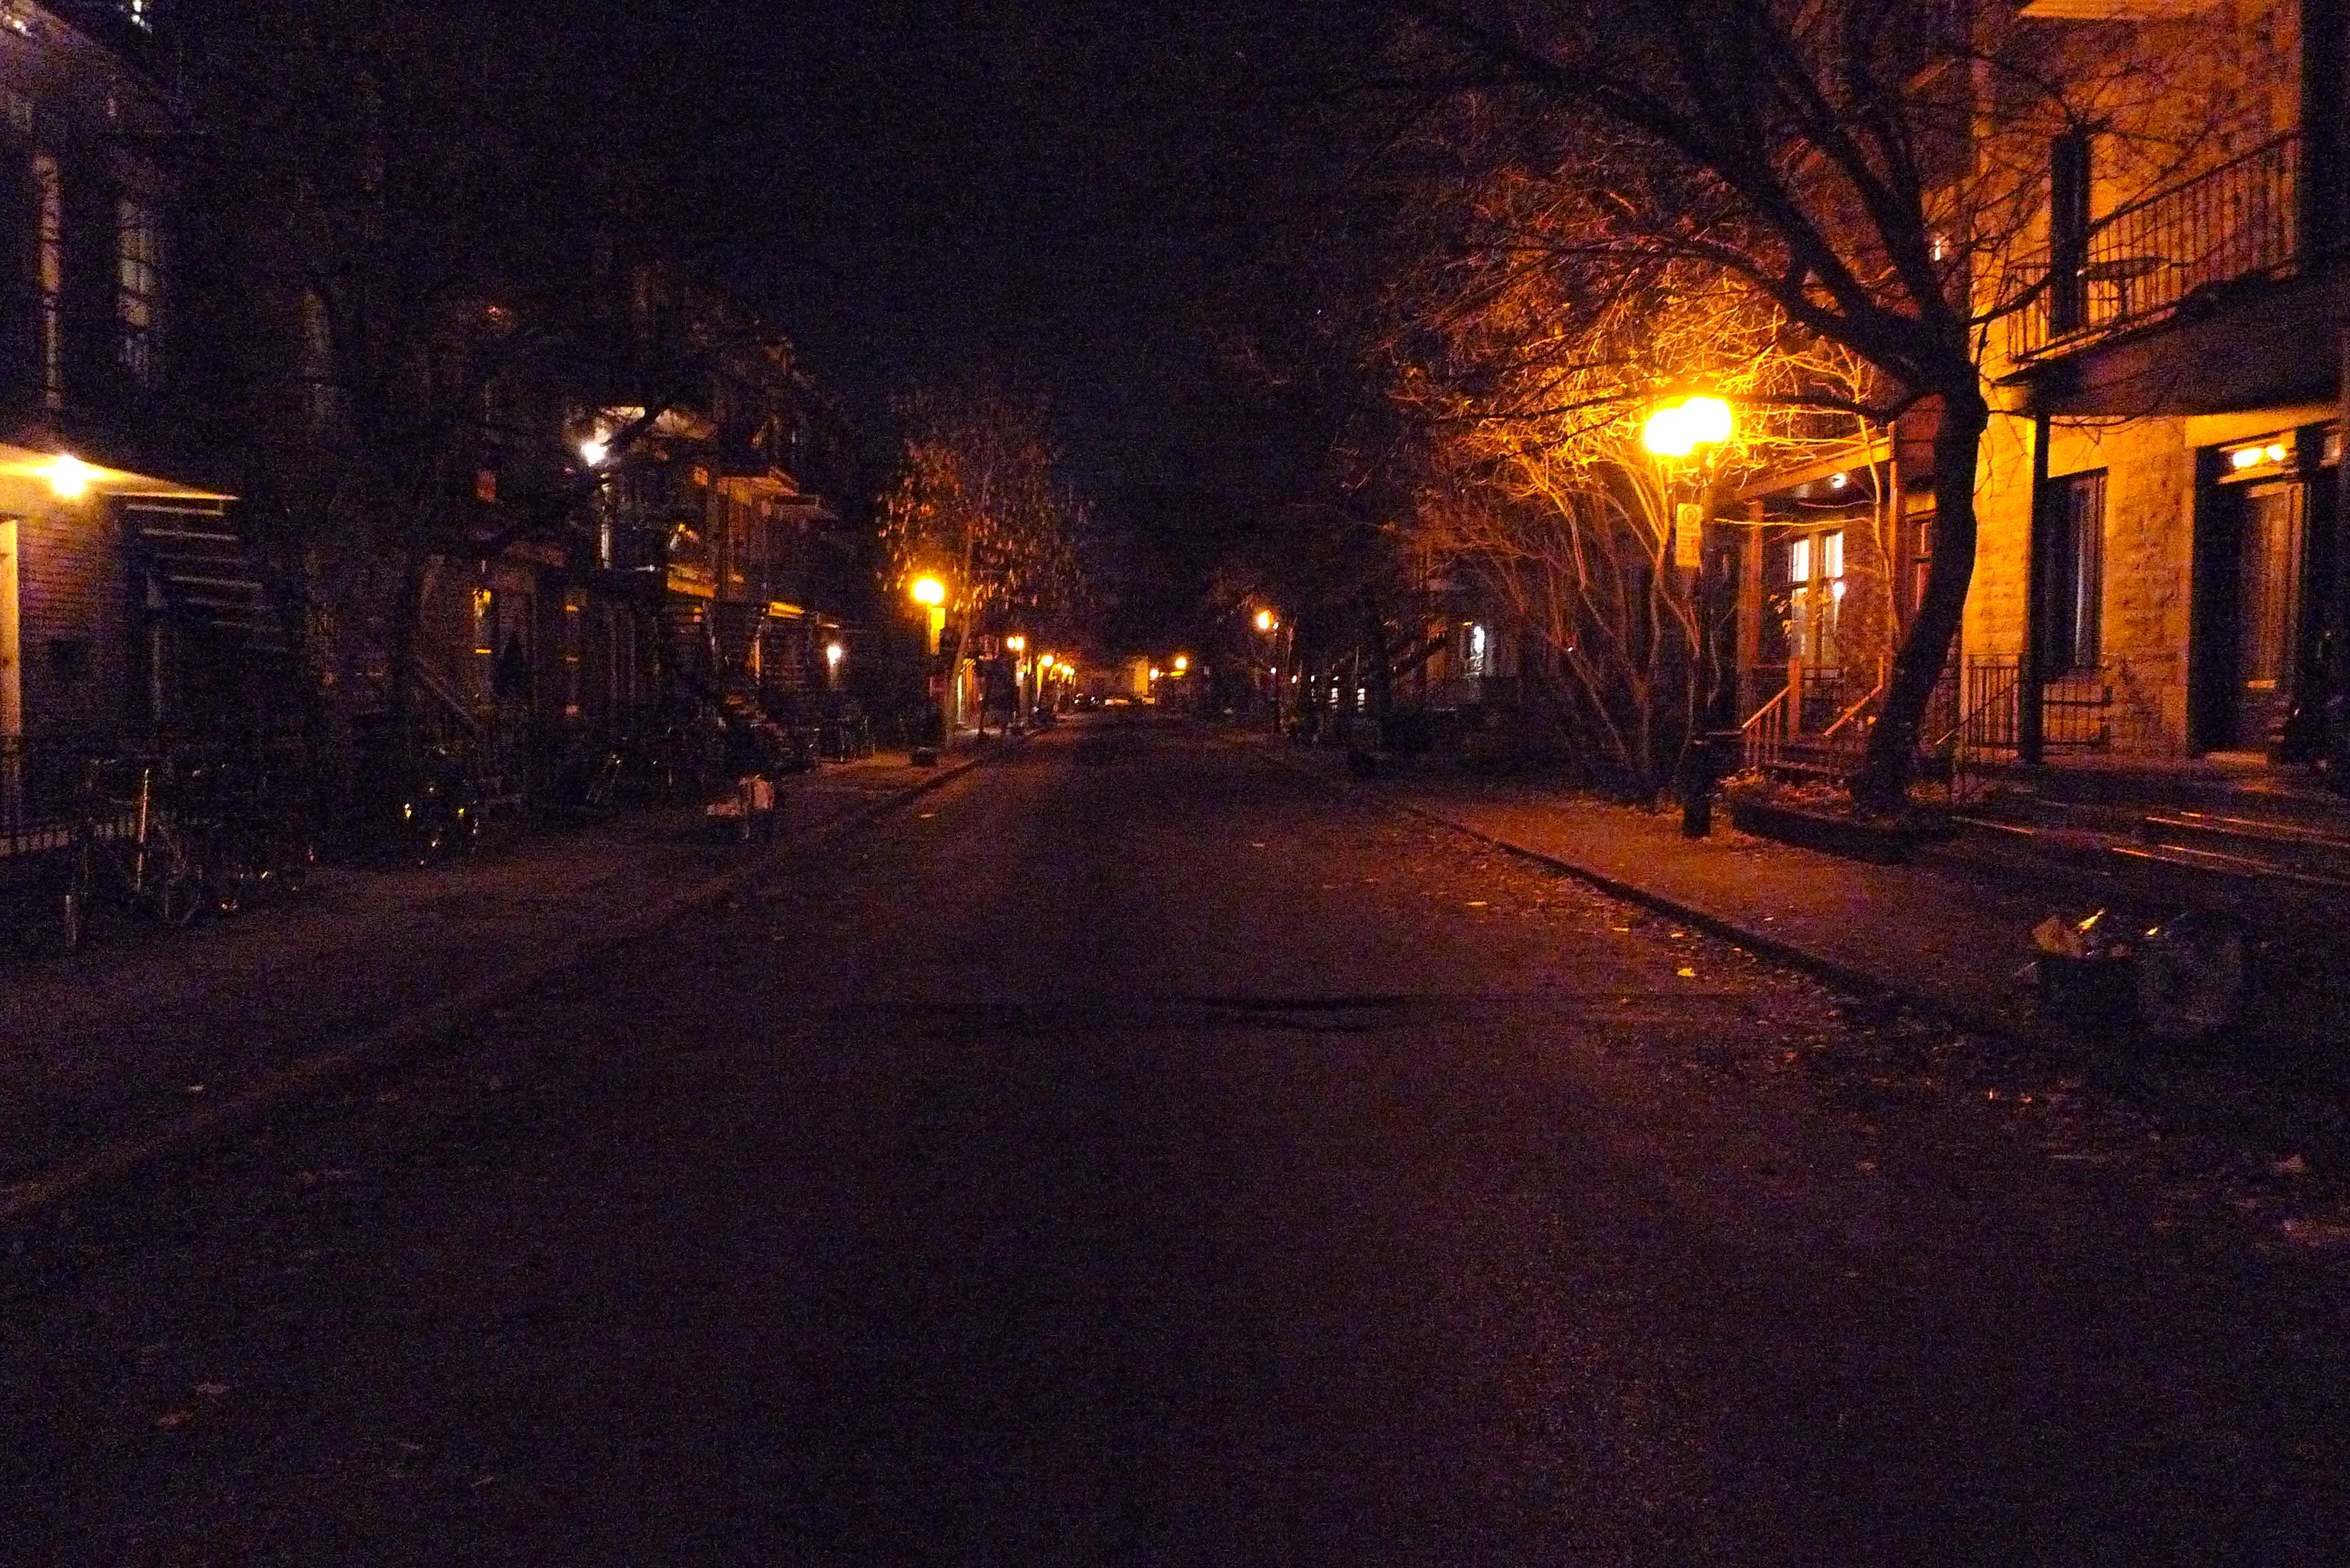 ma rue sans voiture qbert72